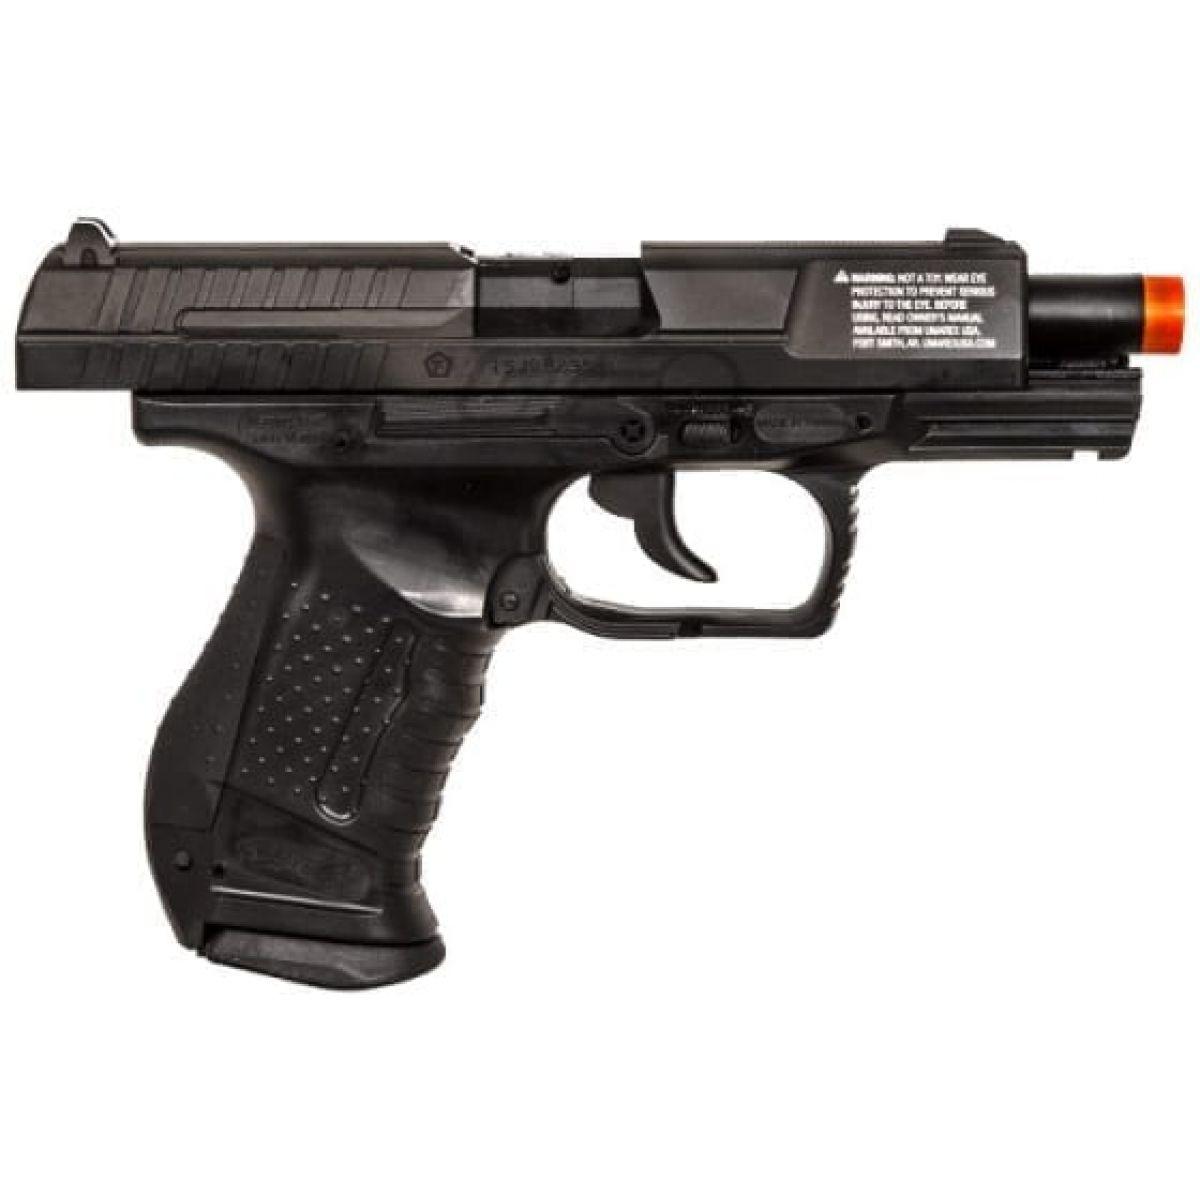 Gen. 2 P99 DAO CO2 Blowback Airsoft Pistol